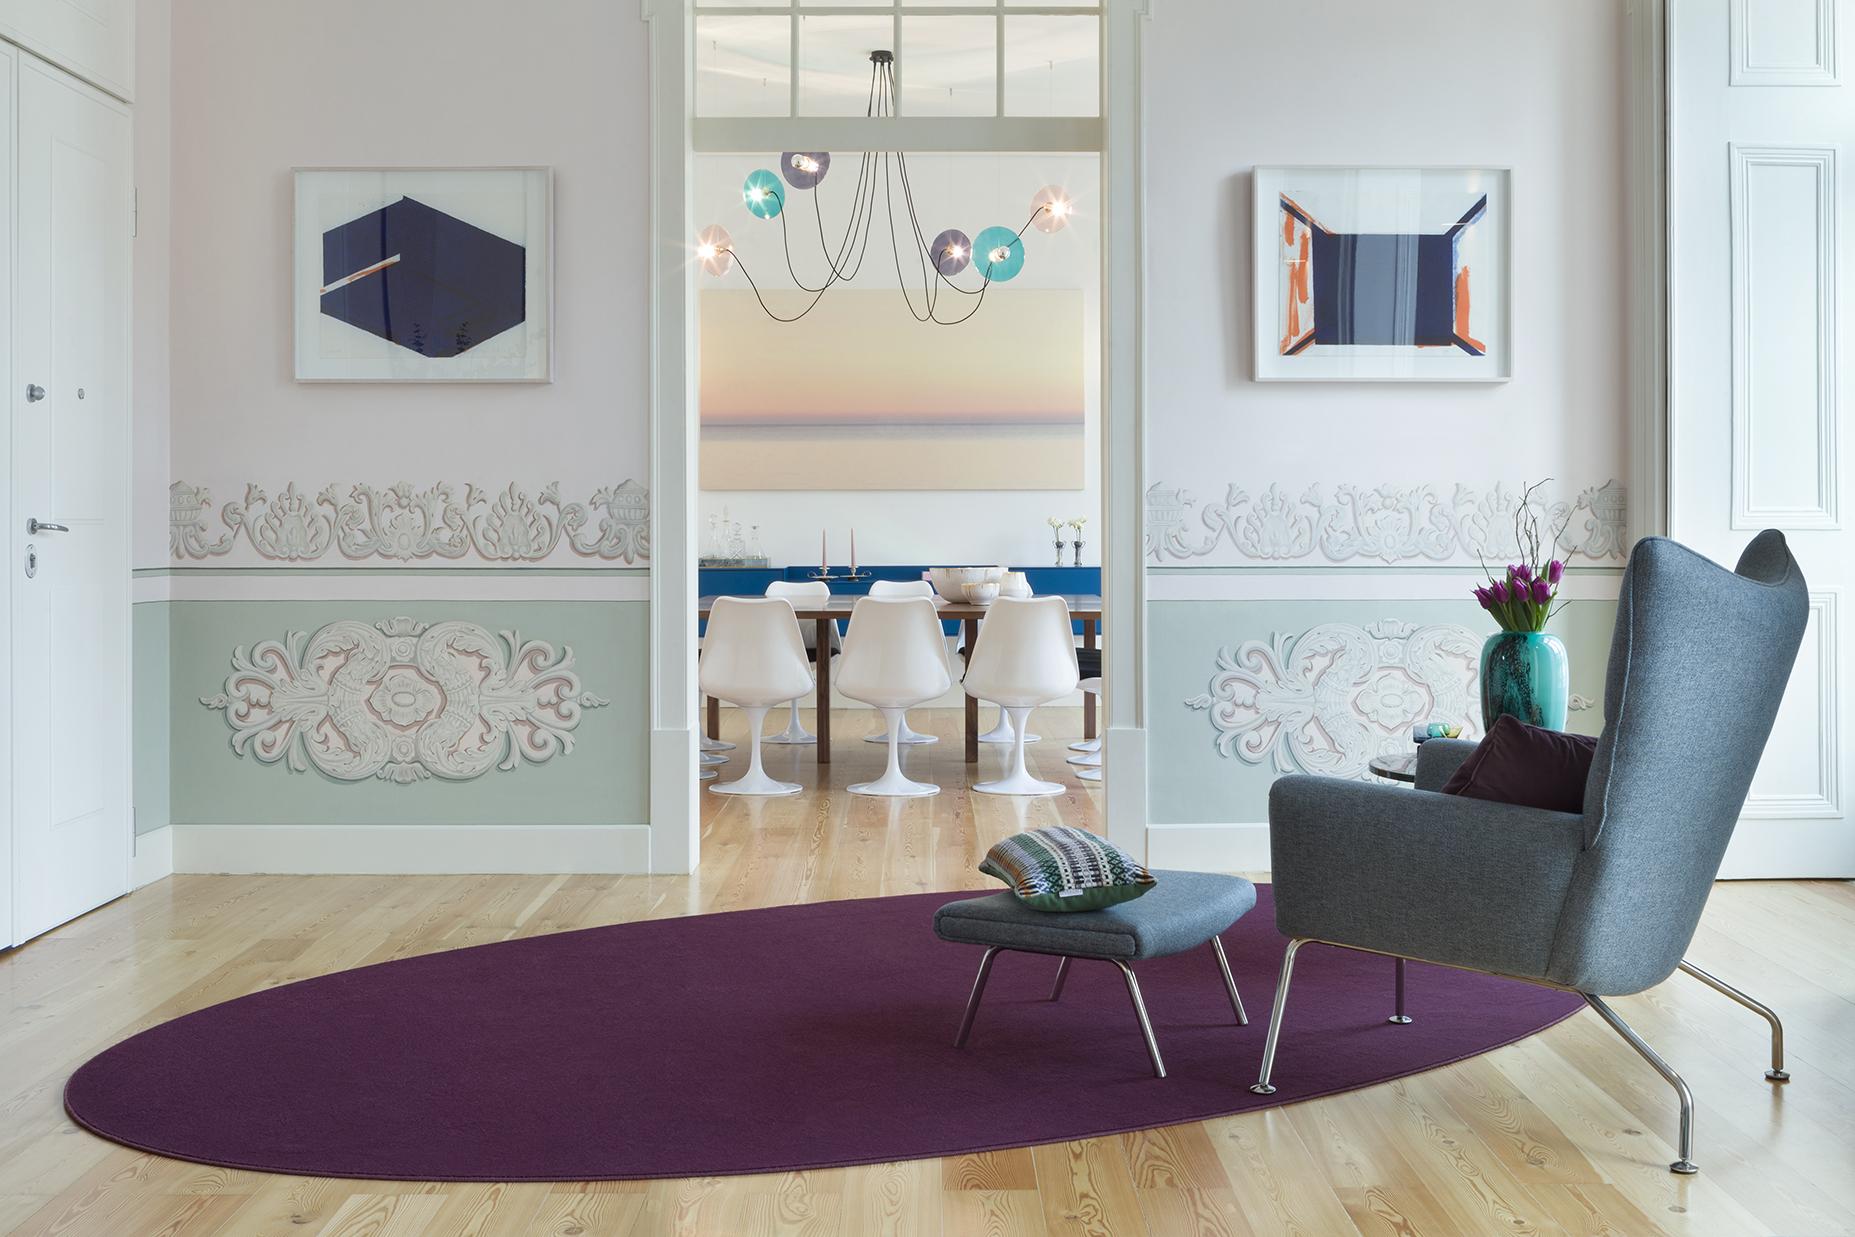 Projecto de interiores em Lisboa da autoria de Tiago Patrício Rodrigues